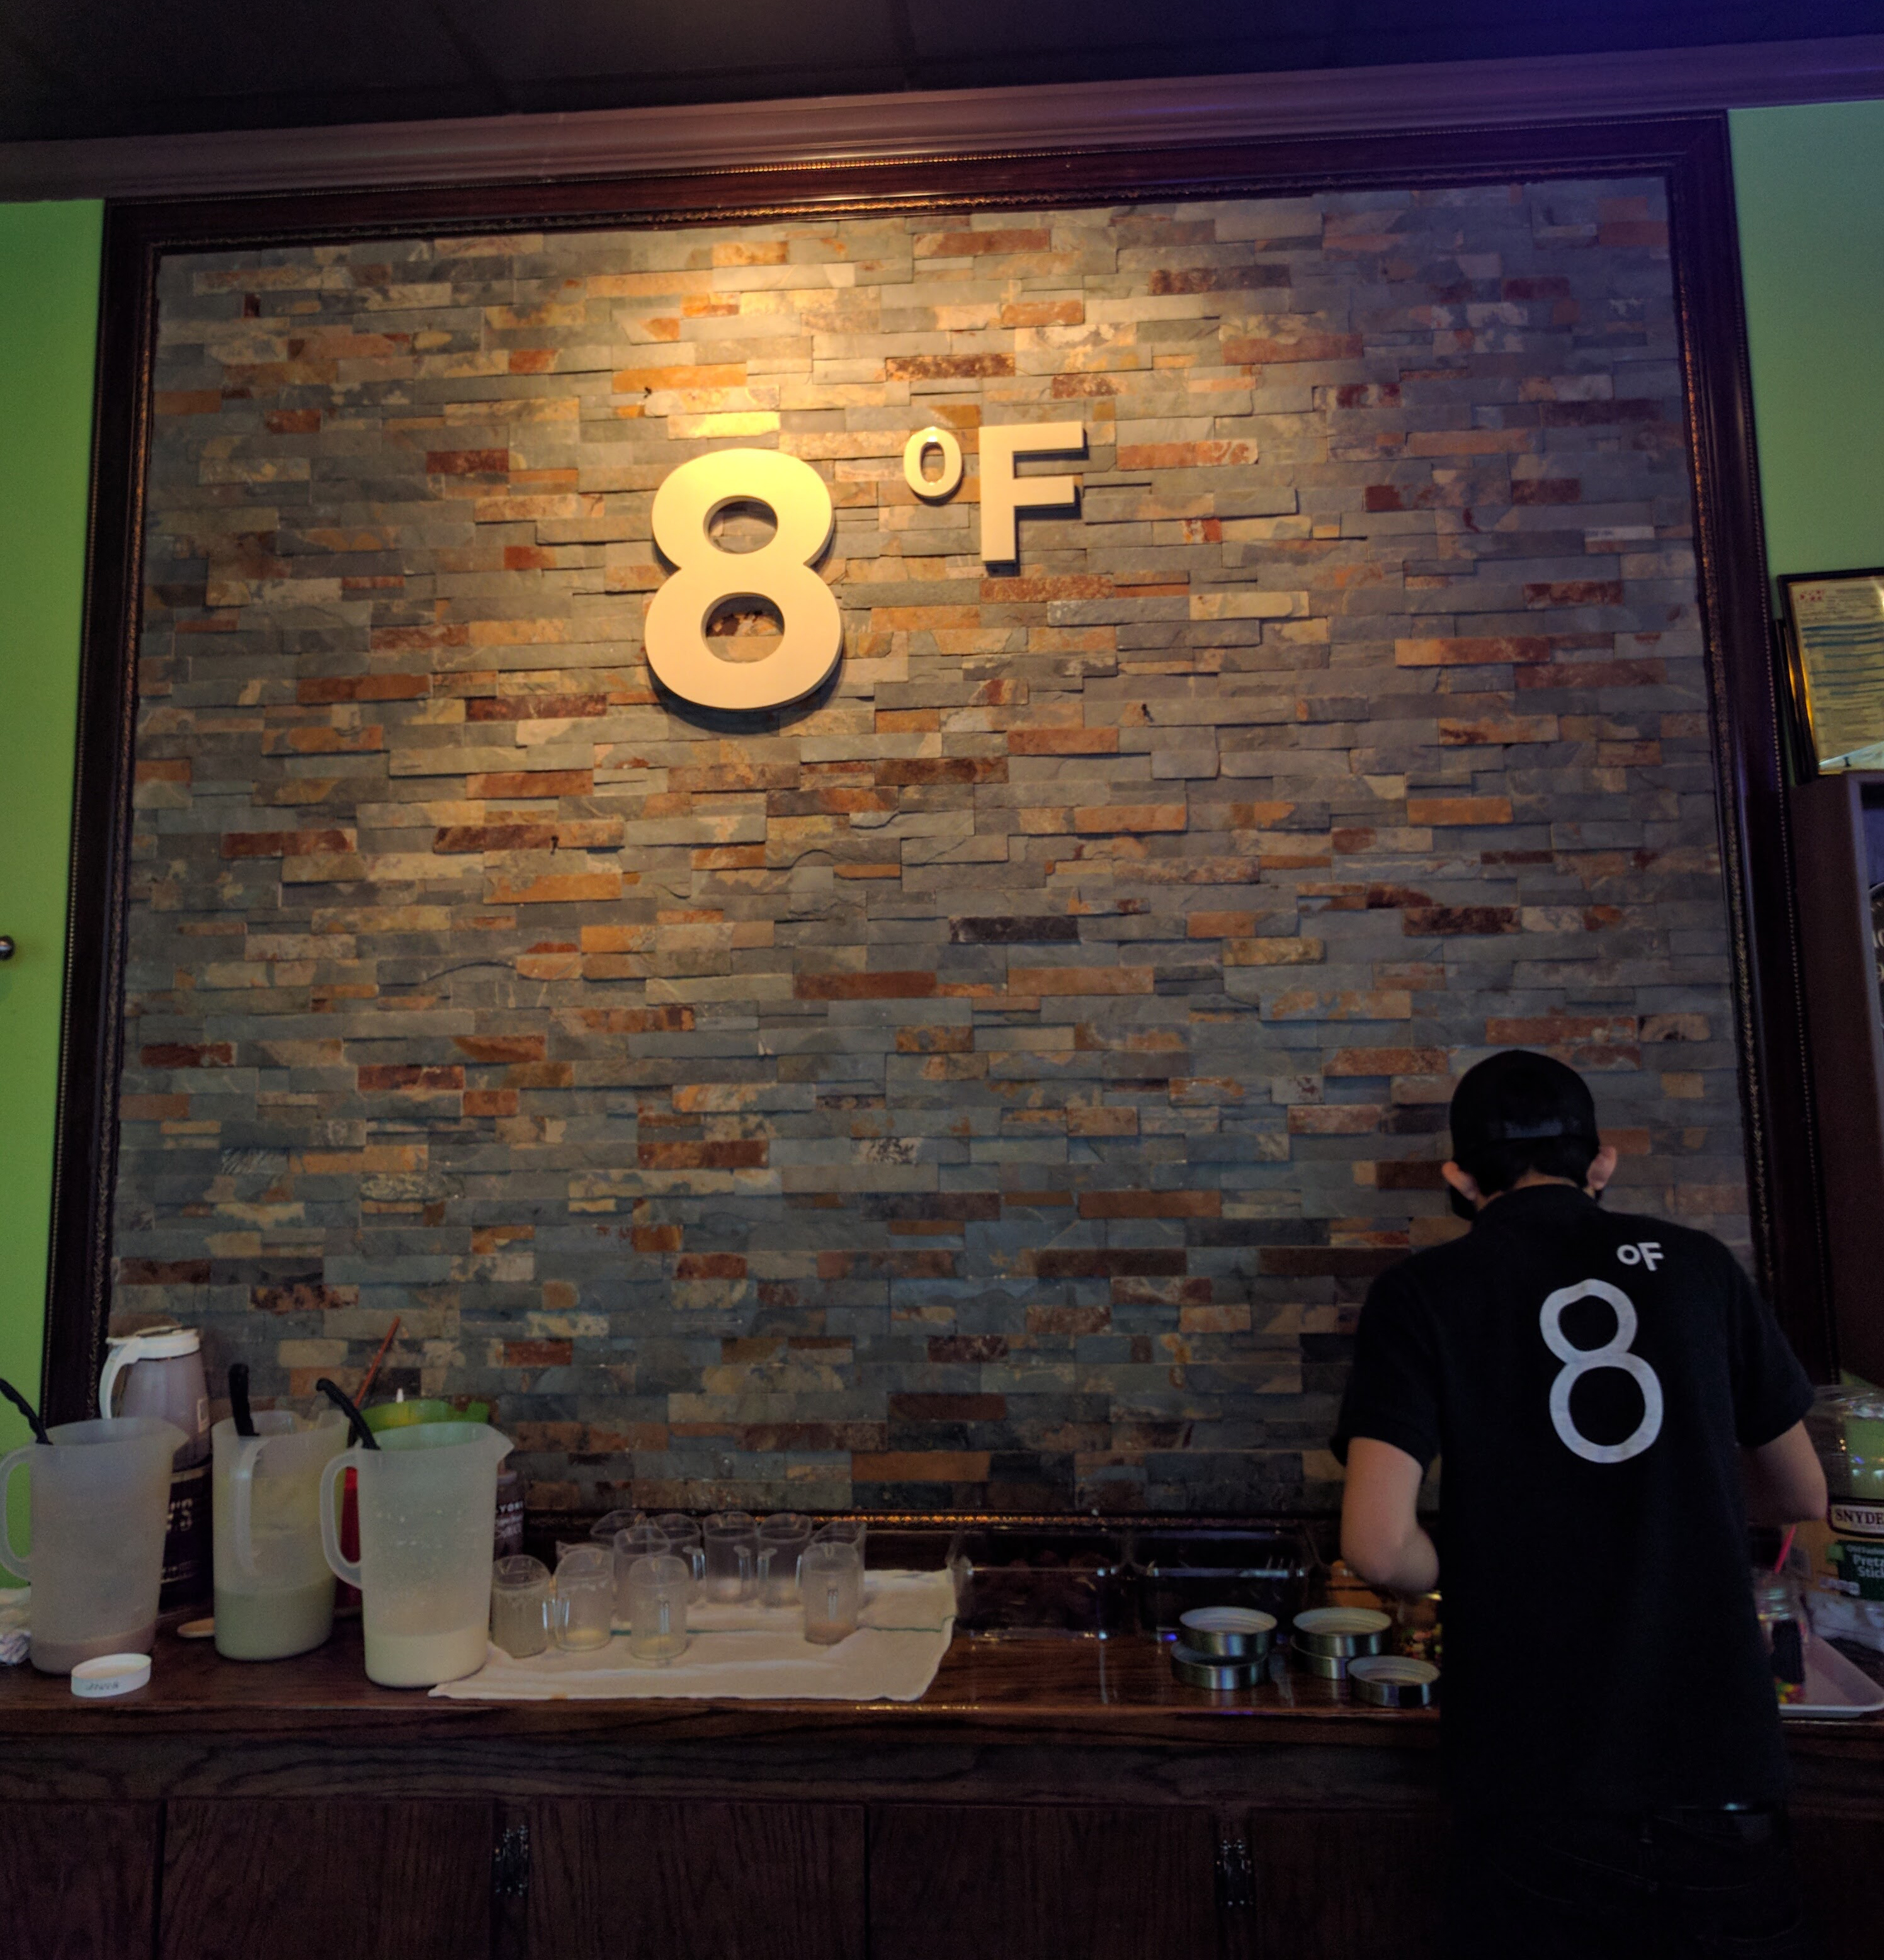 8° Fahrenheit Ice Cream interior